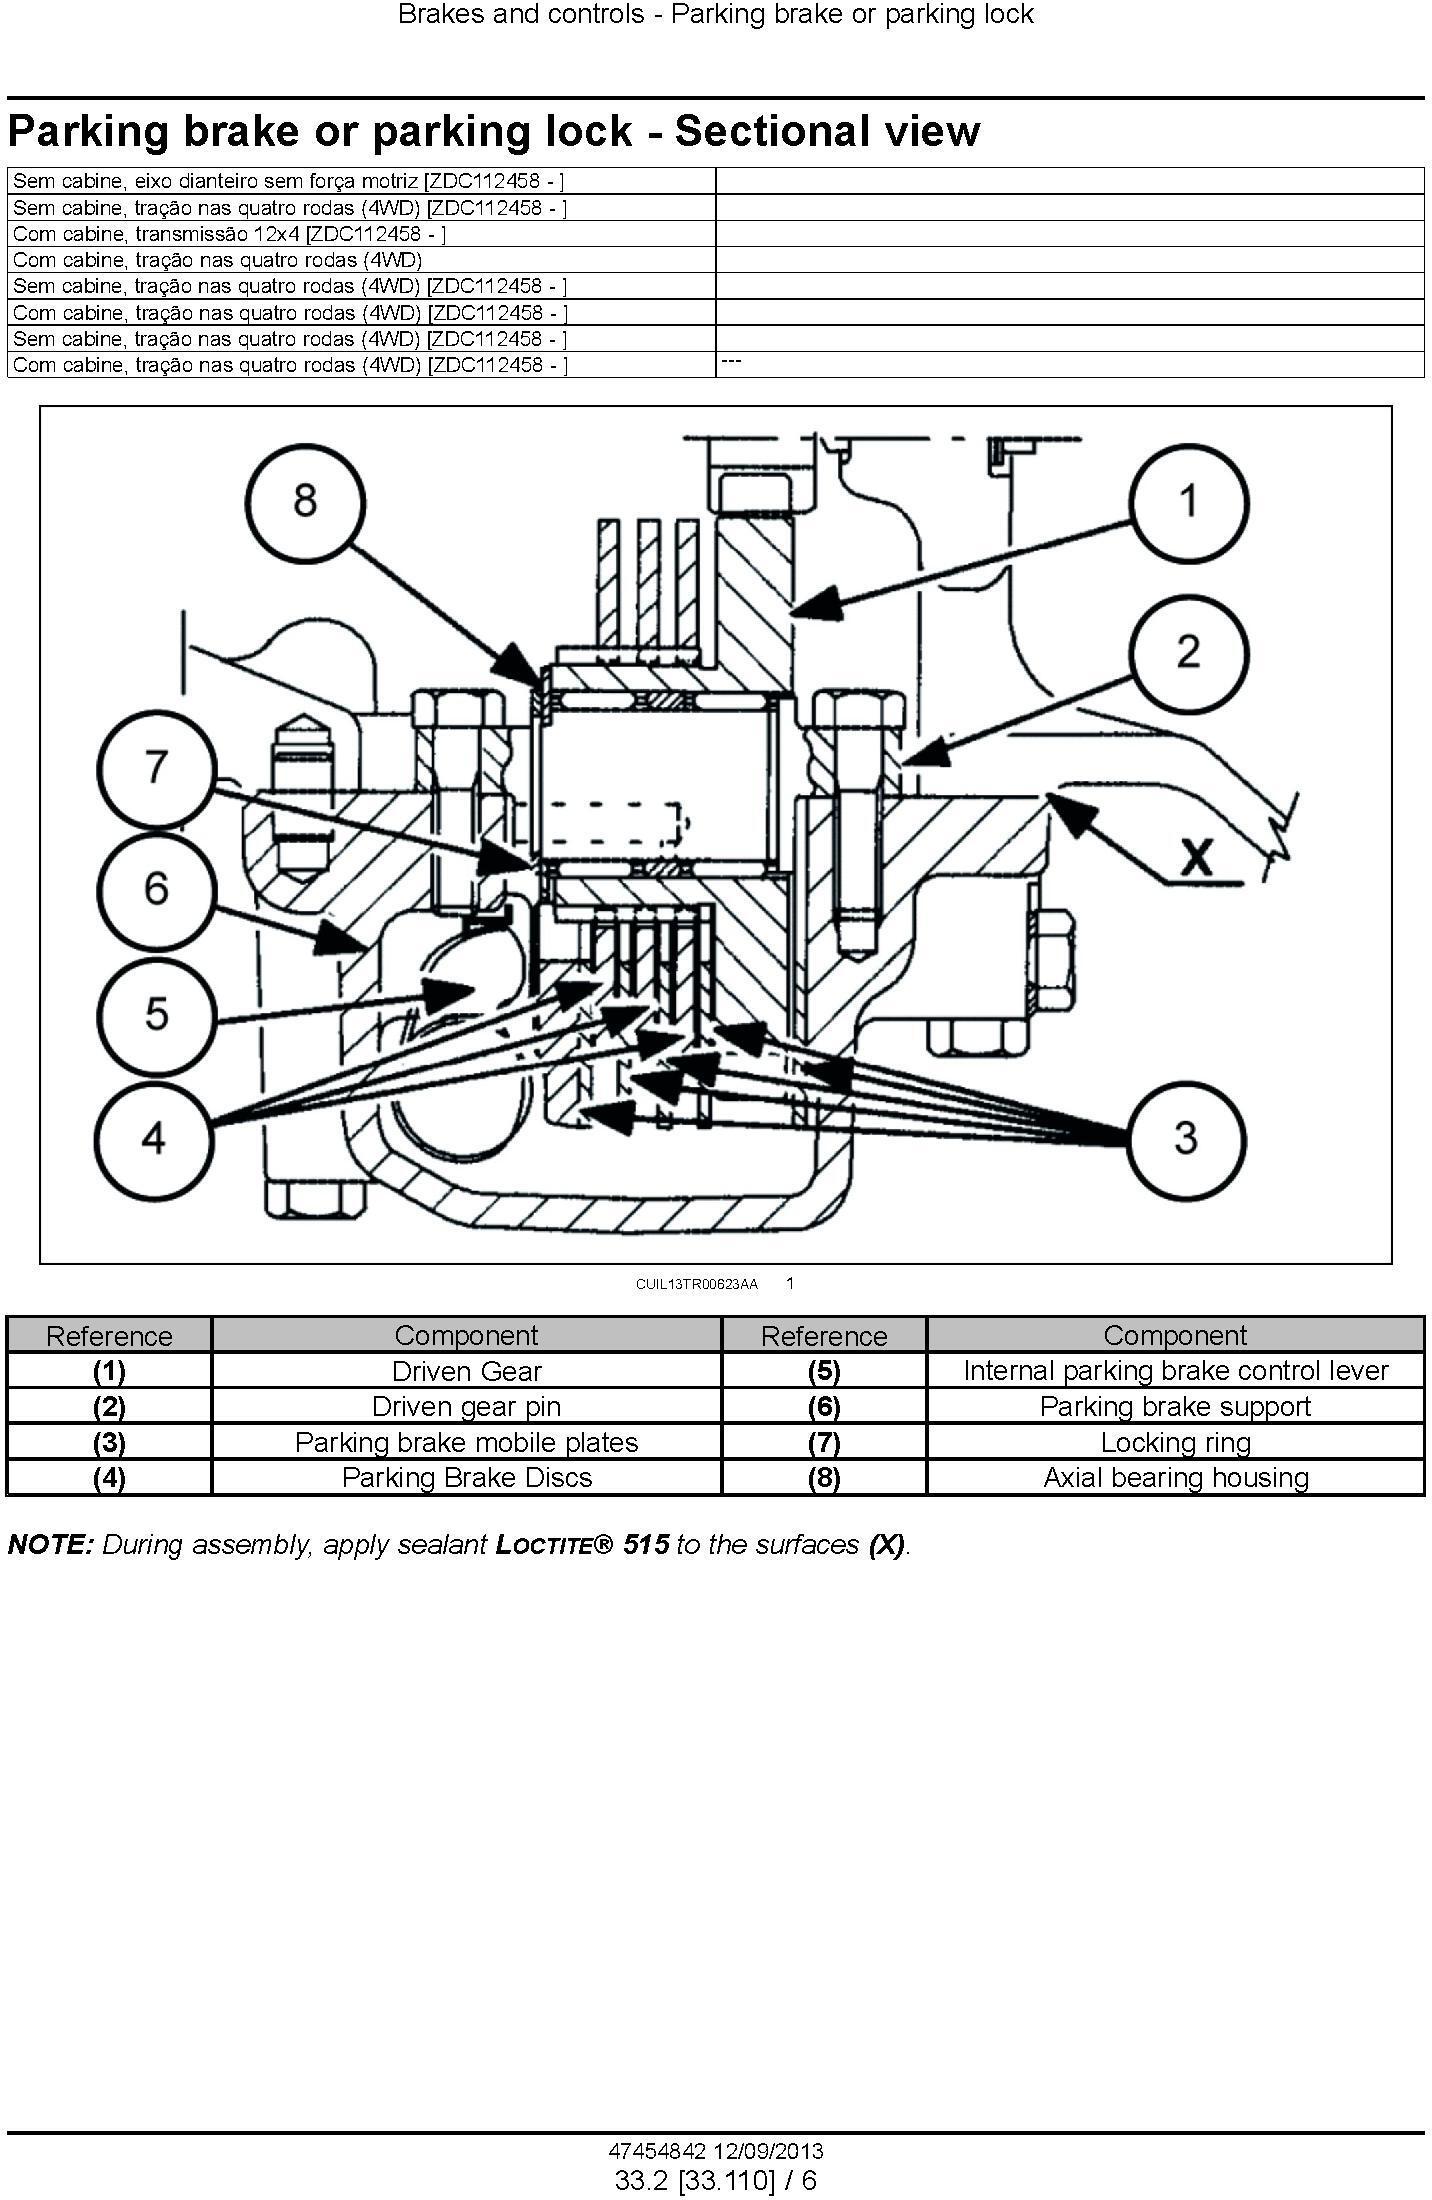 New Holland TL60E, TL75E, TL85E, TL95E Latin American tractors MY2013 Service Manual - 2